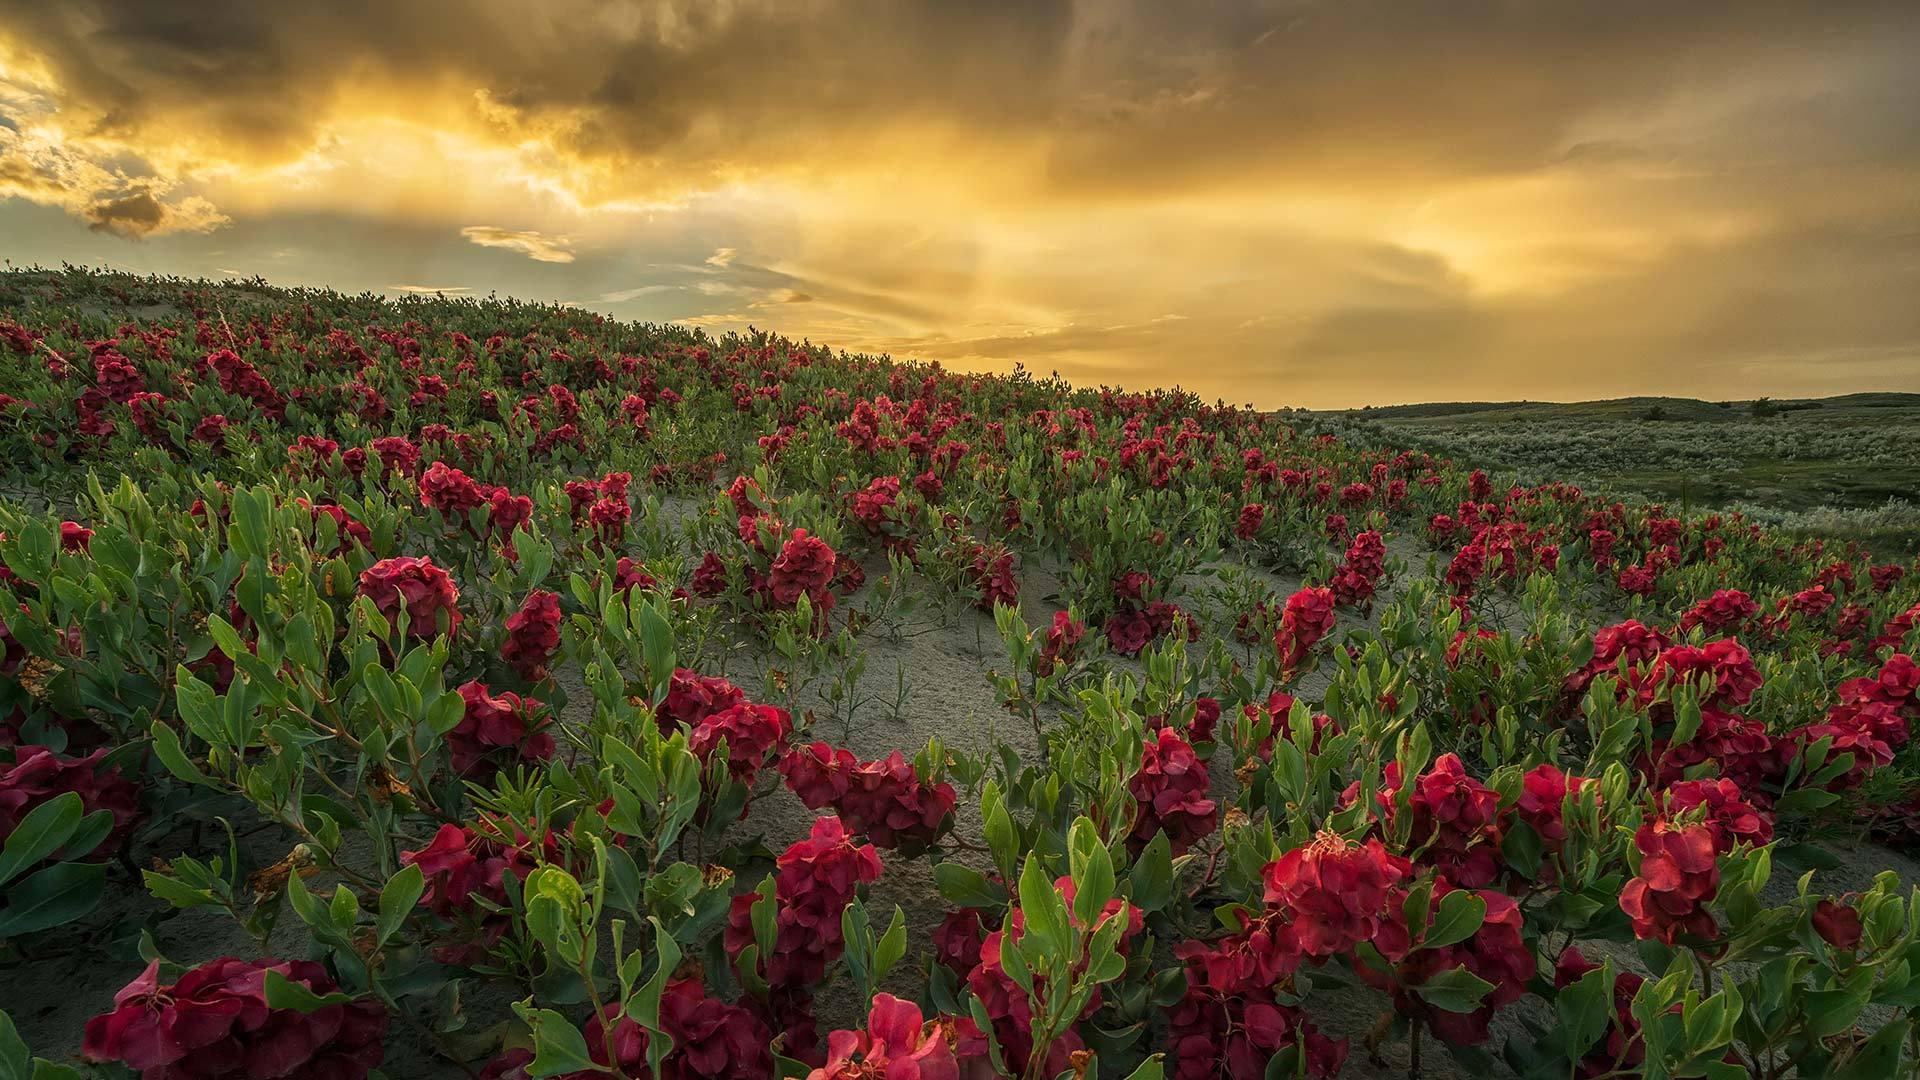 大沙丘上的日落